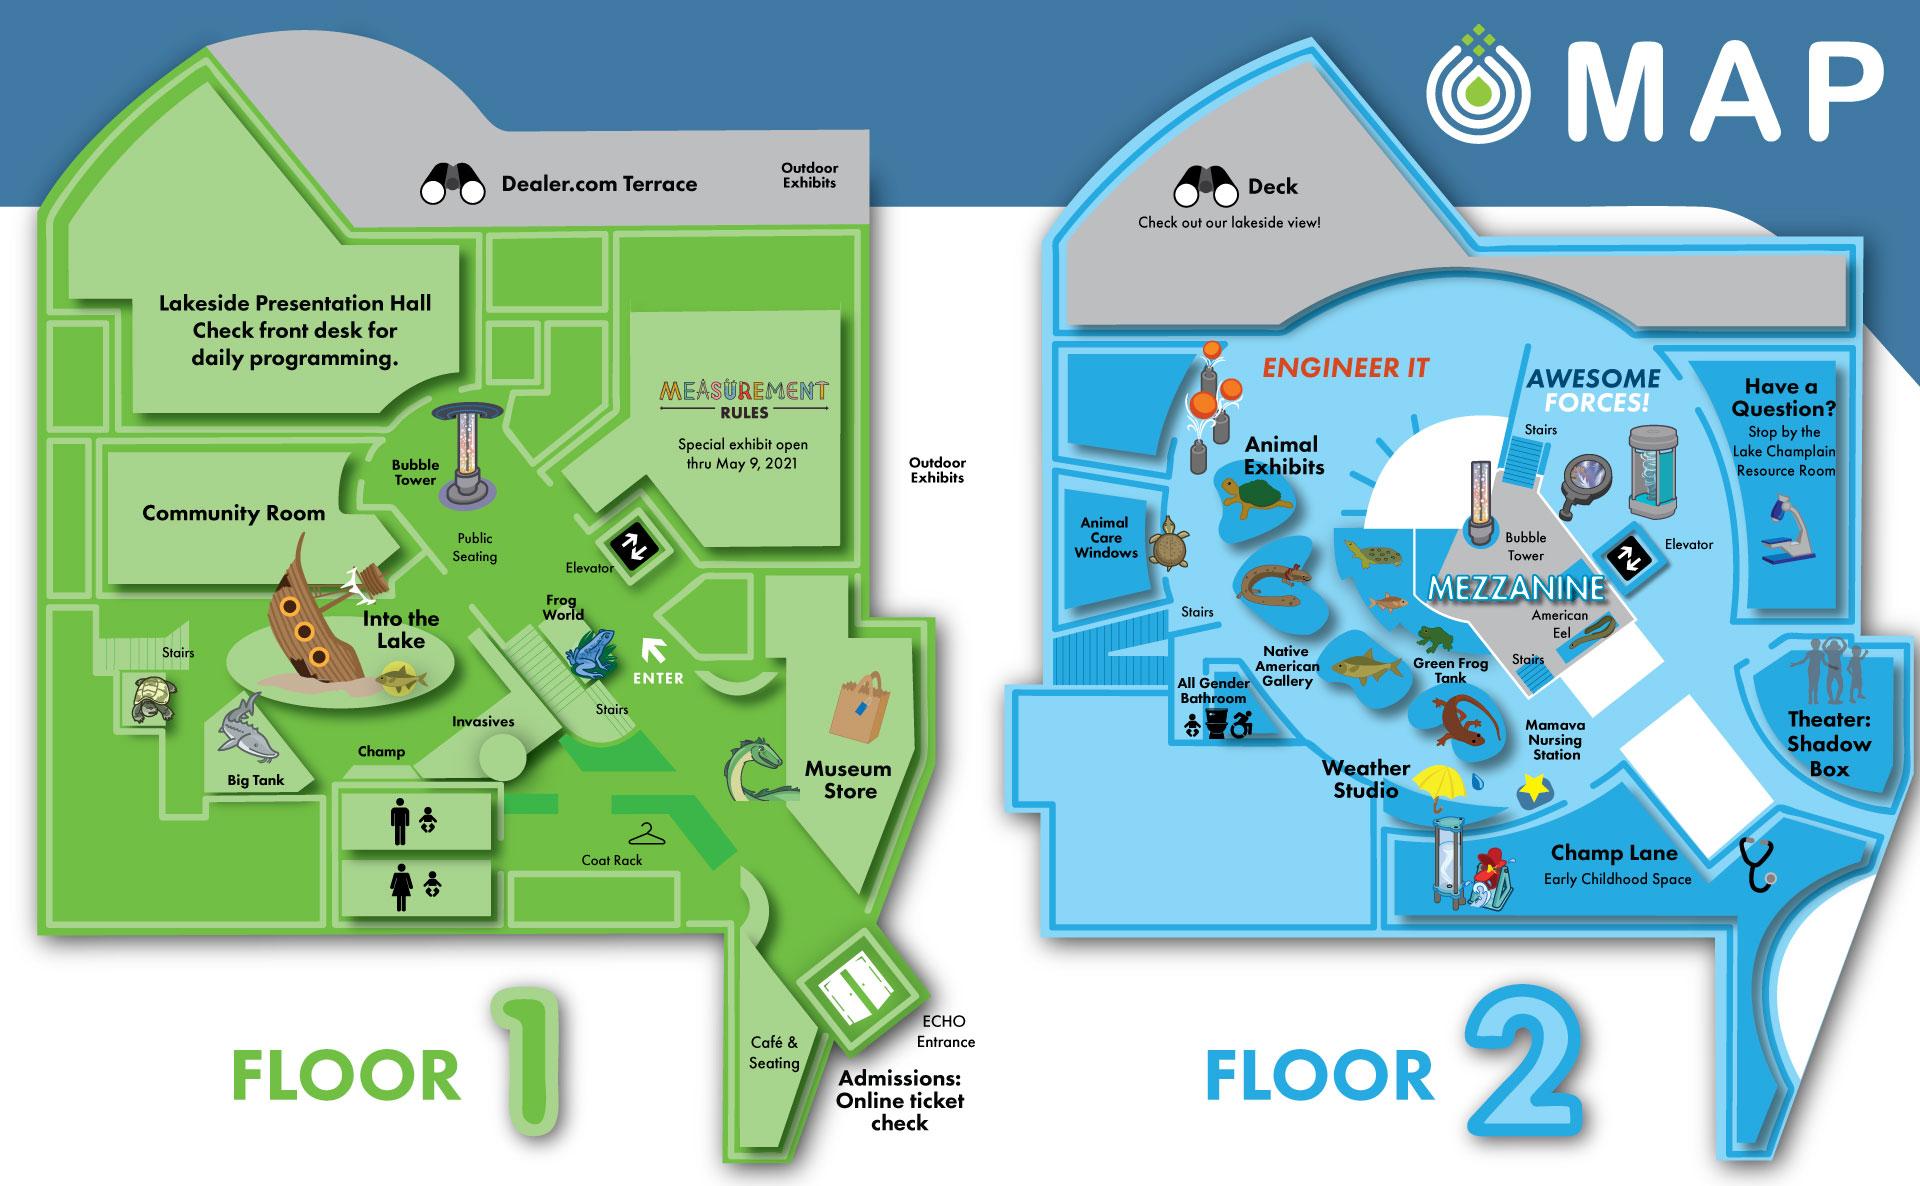 Floor 1 and Floor 2 of ECHO.